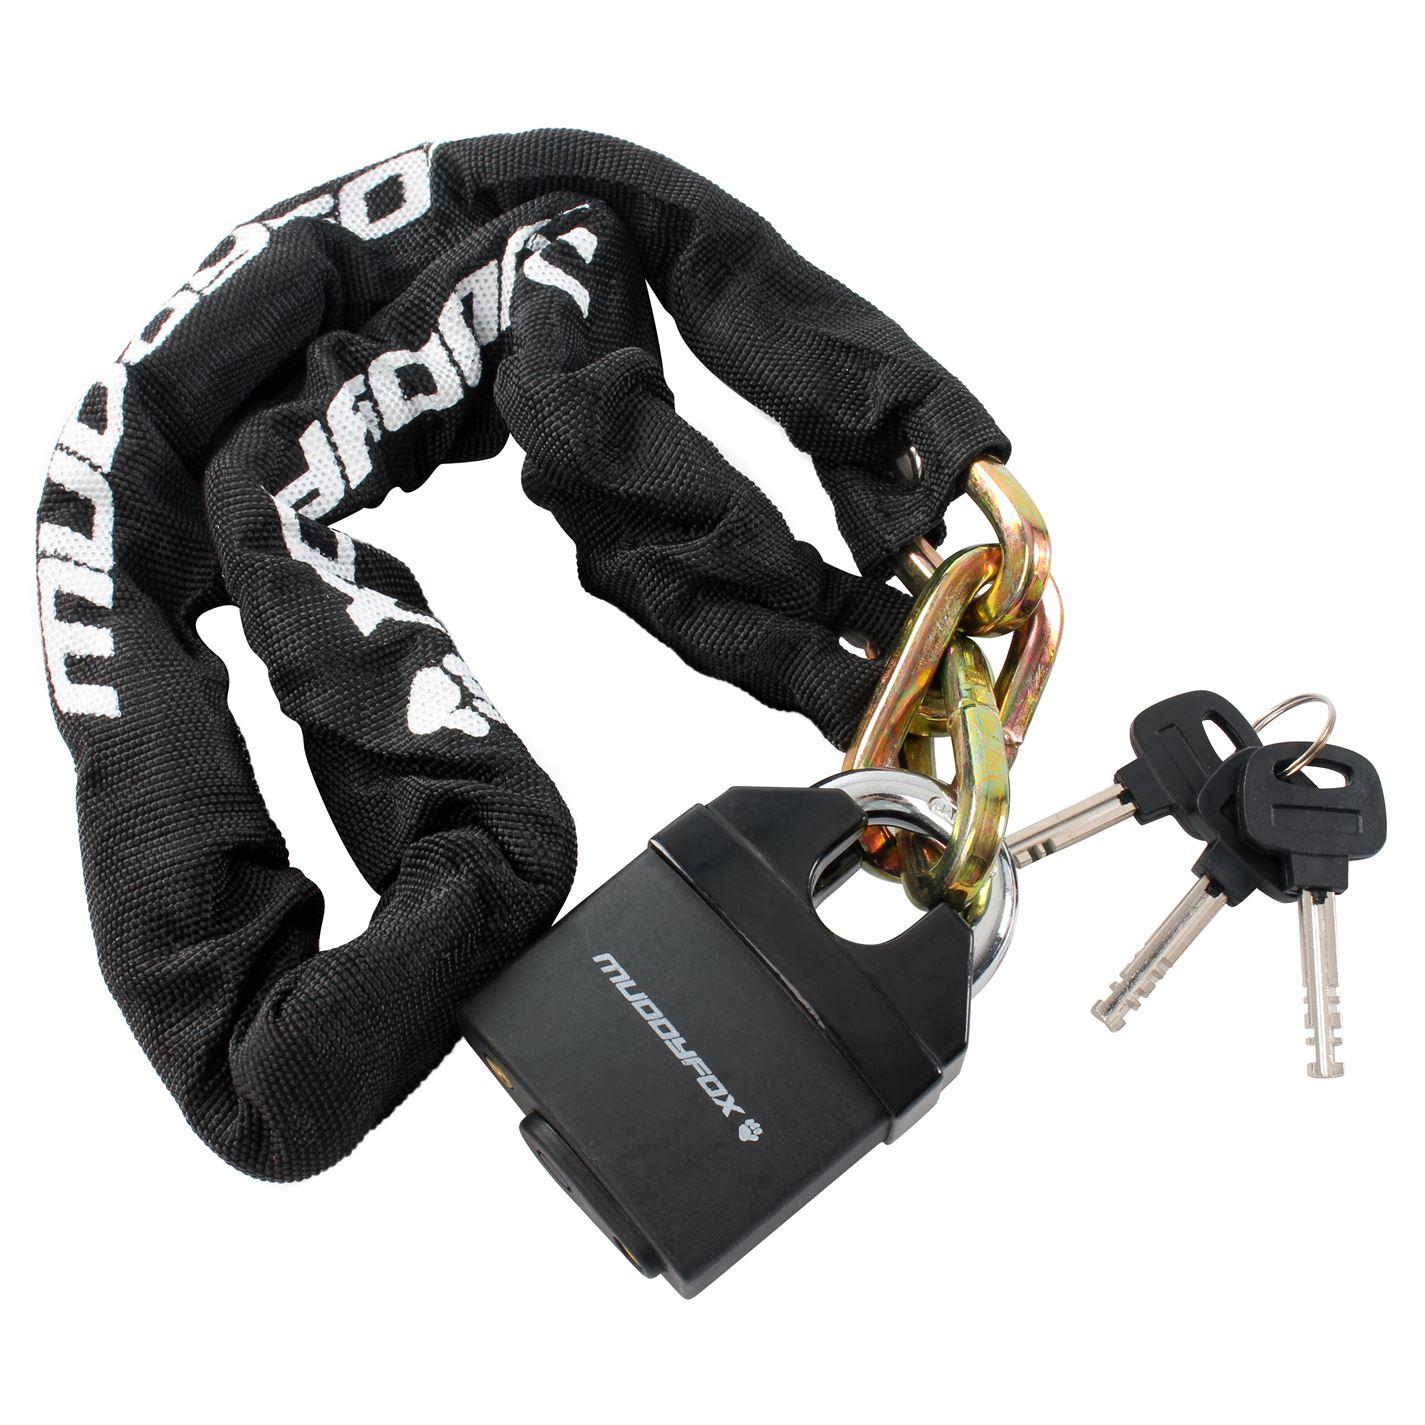 Muddyfox Chain Lock